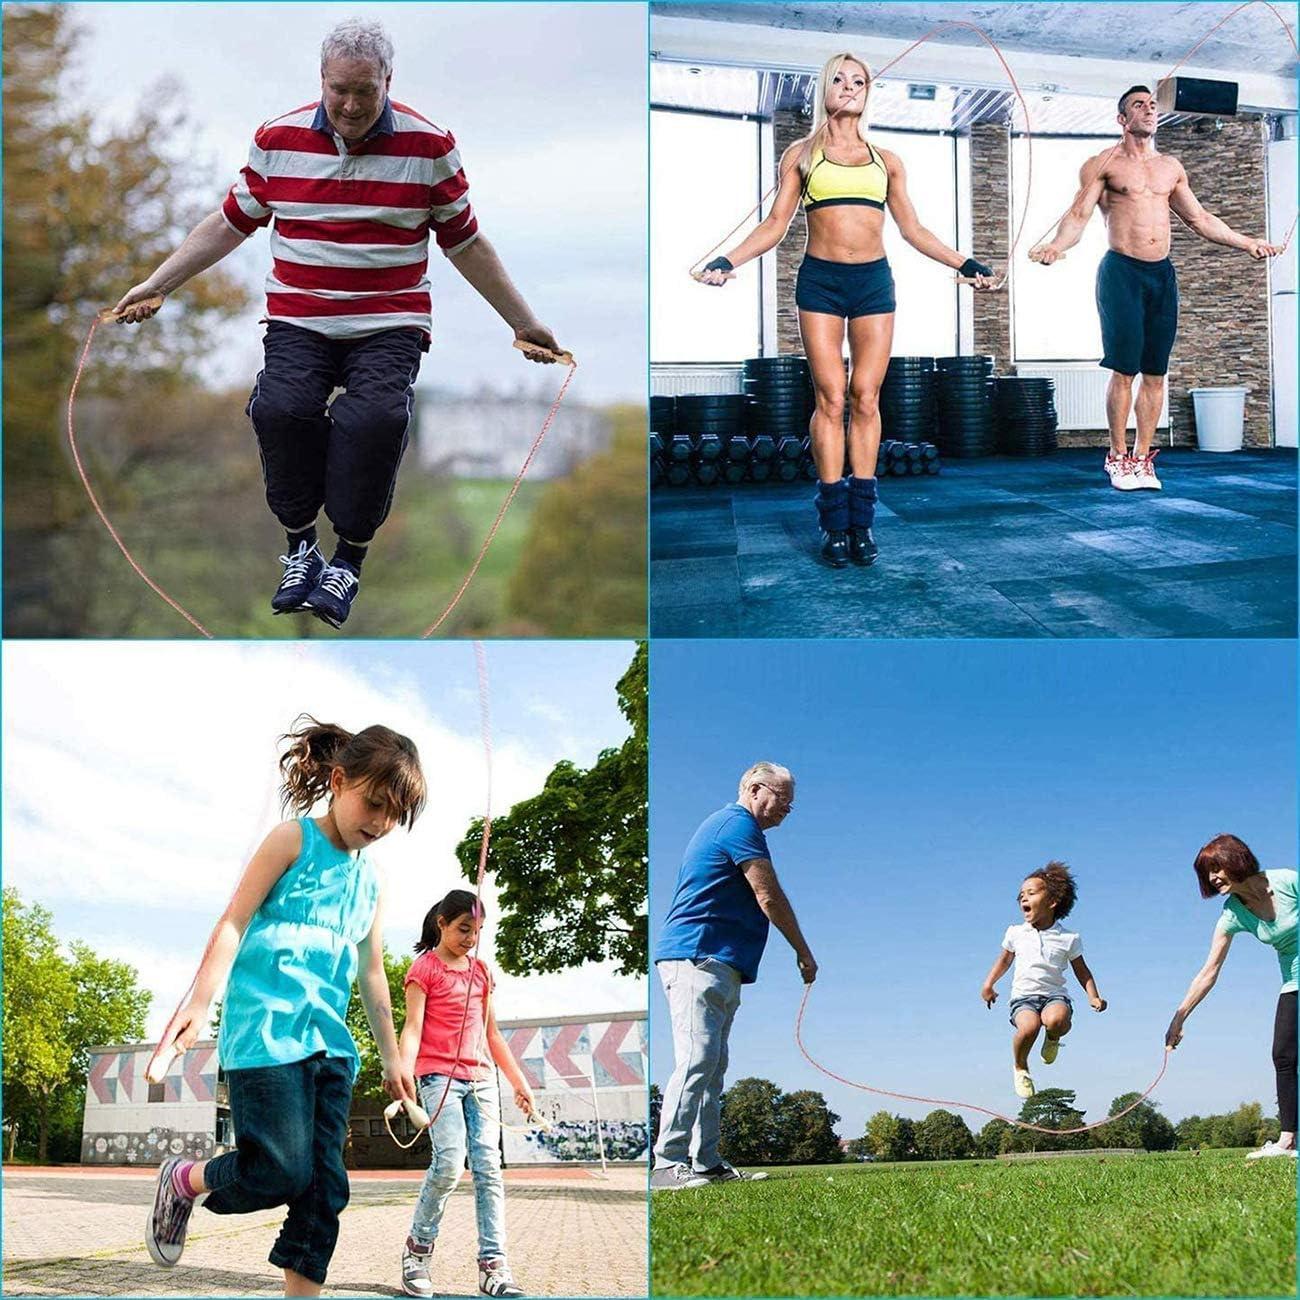 Sport Training Springseil,L/änge Einstellbar,Komfortablen /& Anti-Rutsch Griffen Abnehmen,Kinder Baumwolle Seilspringen,Skipping Rope Fitness f/ür Kinder und Erwachsene,f/ür Crossfit